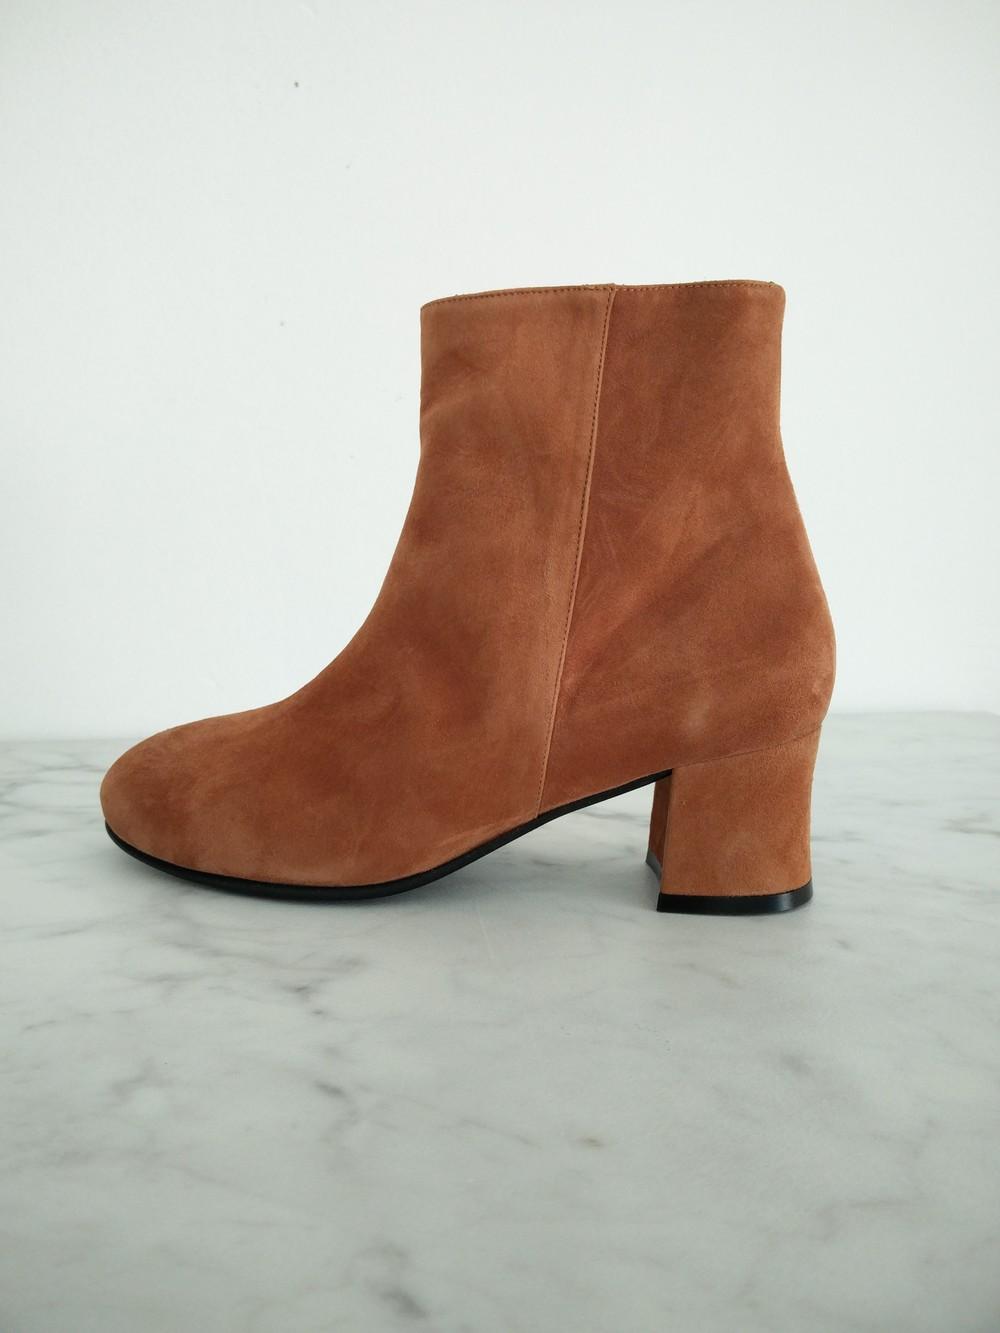 Kom innom og prøv sko til hele året og til alle anledninger fra Nordic Shoepoeple!